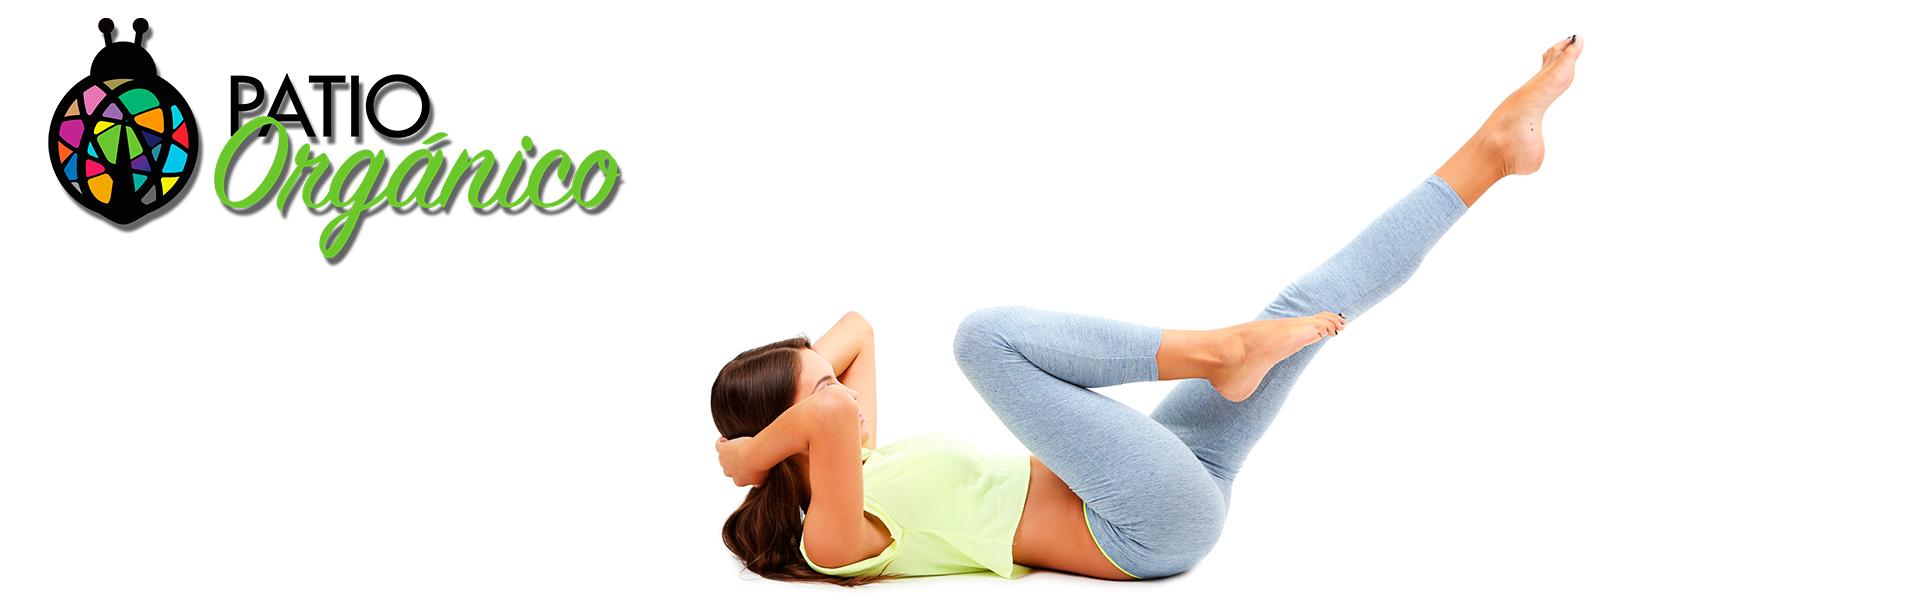 ¿Cuánto-ejercicio-es-recomendable-hacer-por-día-